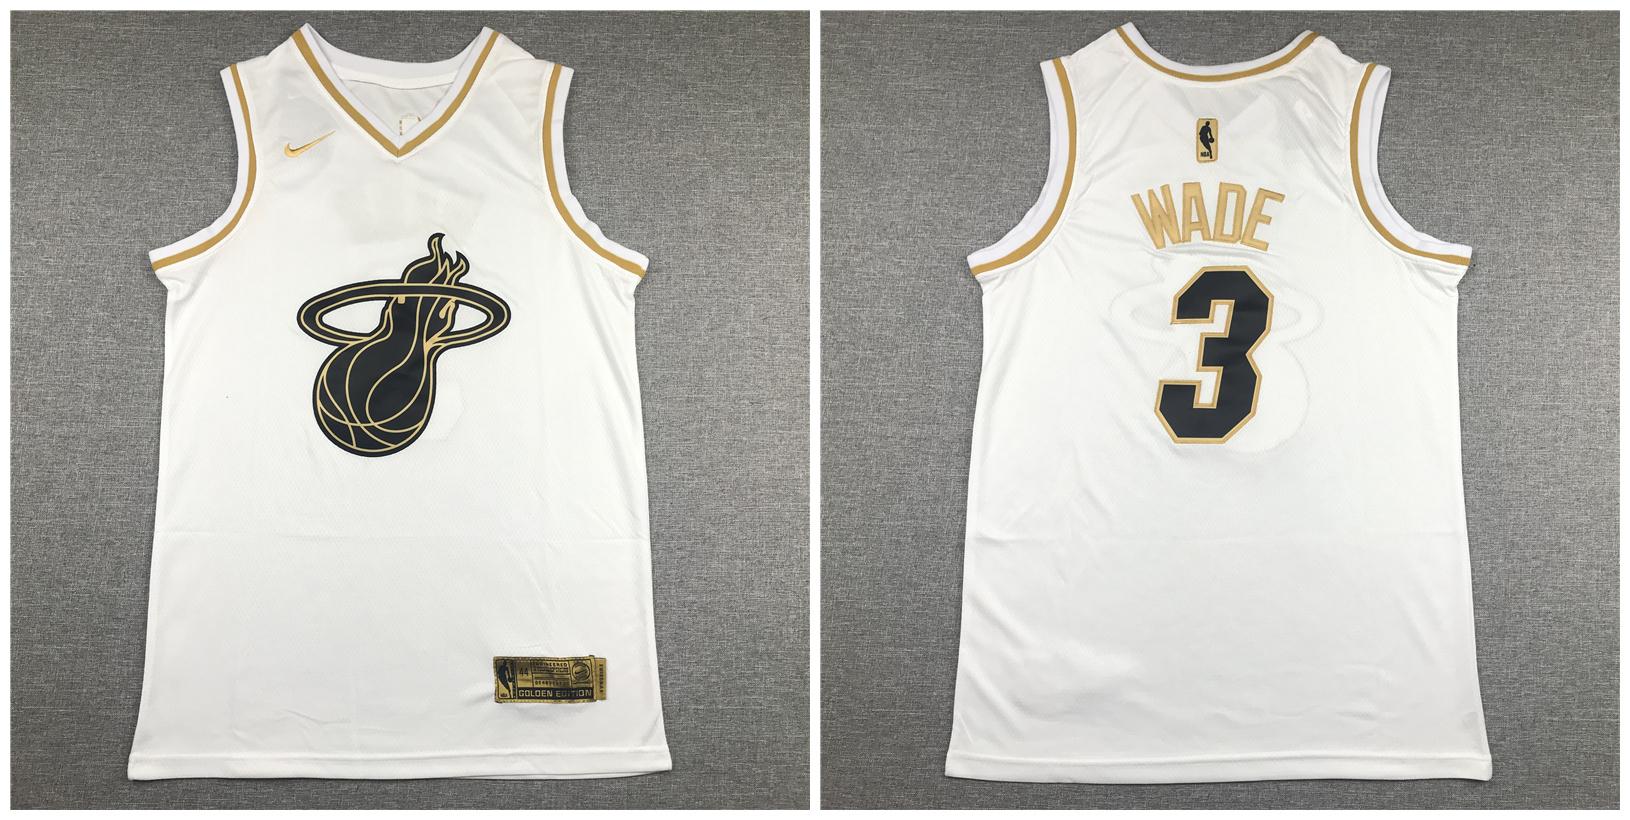 Heat #3 Dwyane Wade White Gold Nike Swingman Jersey